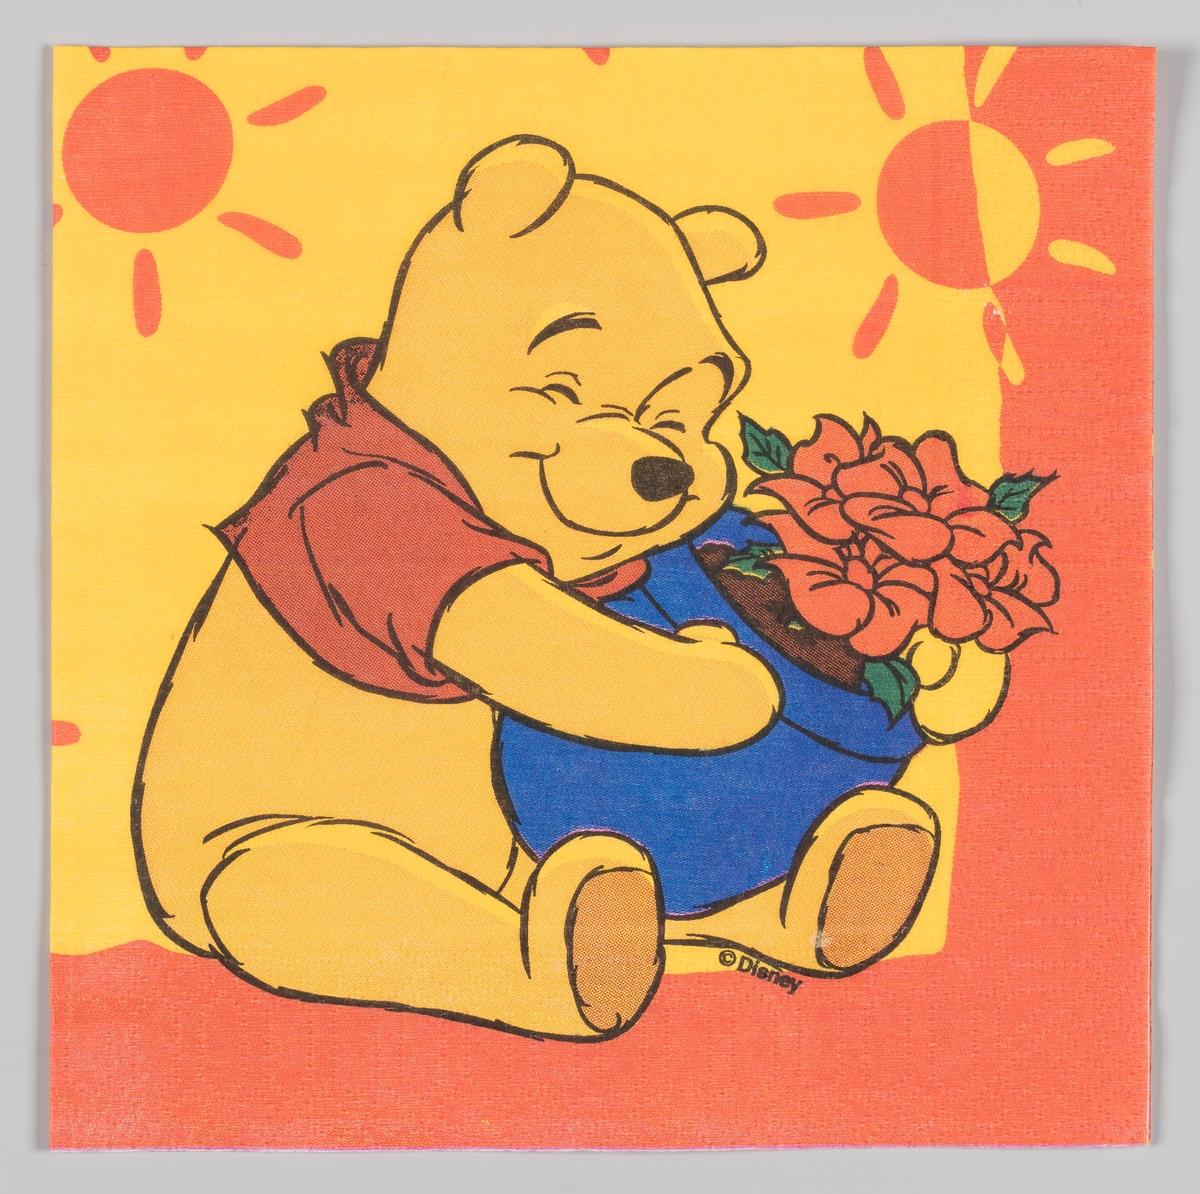 Ole Brum holder en krukke med blomster